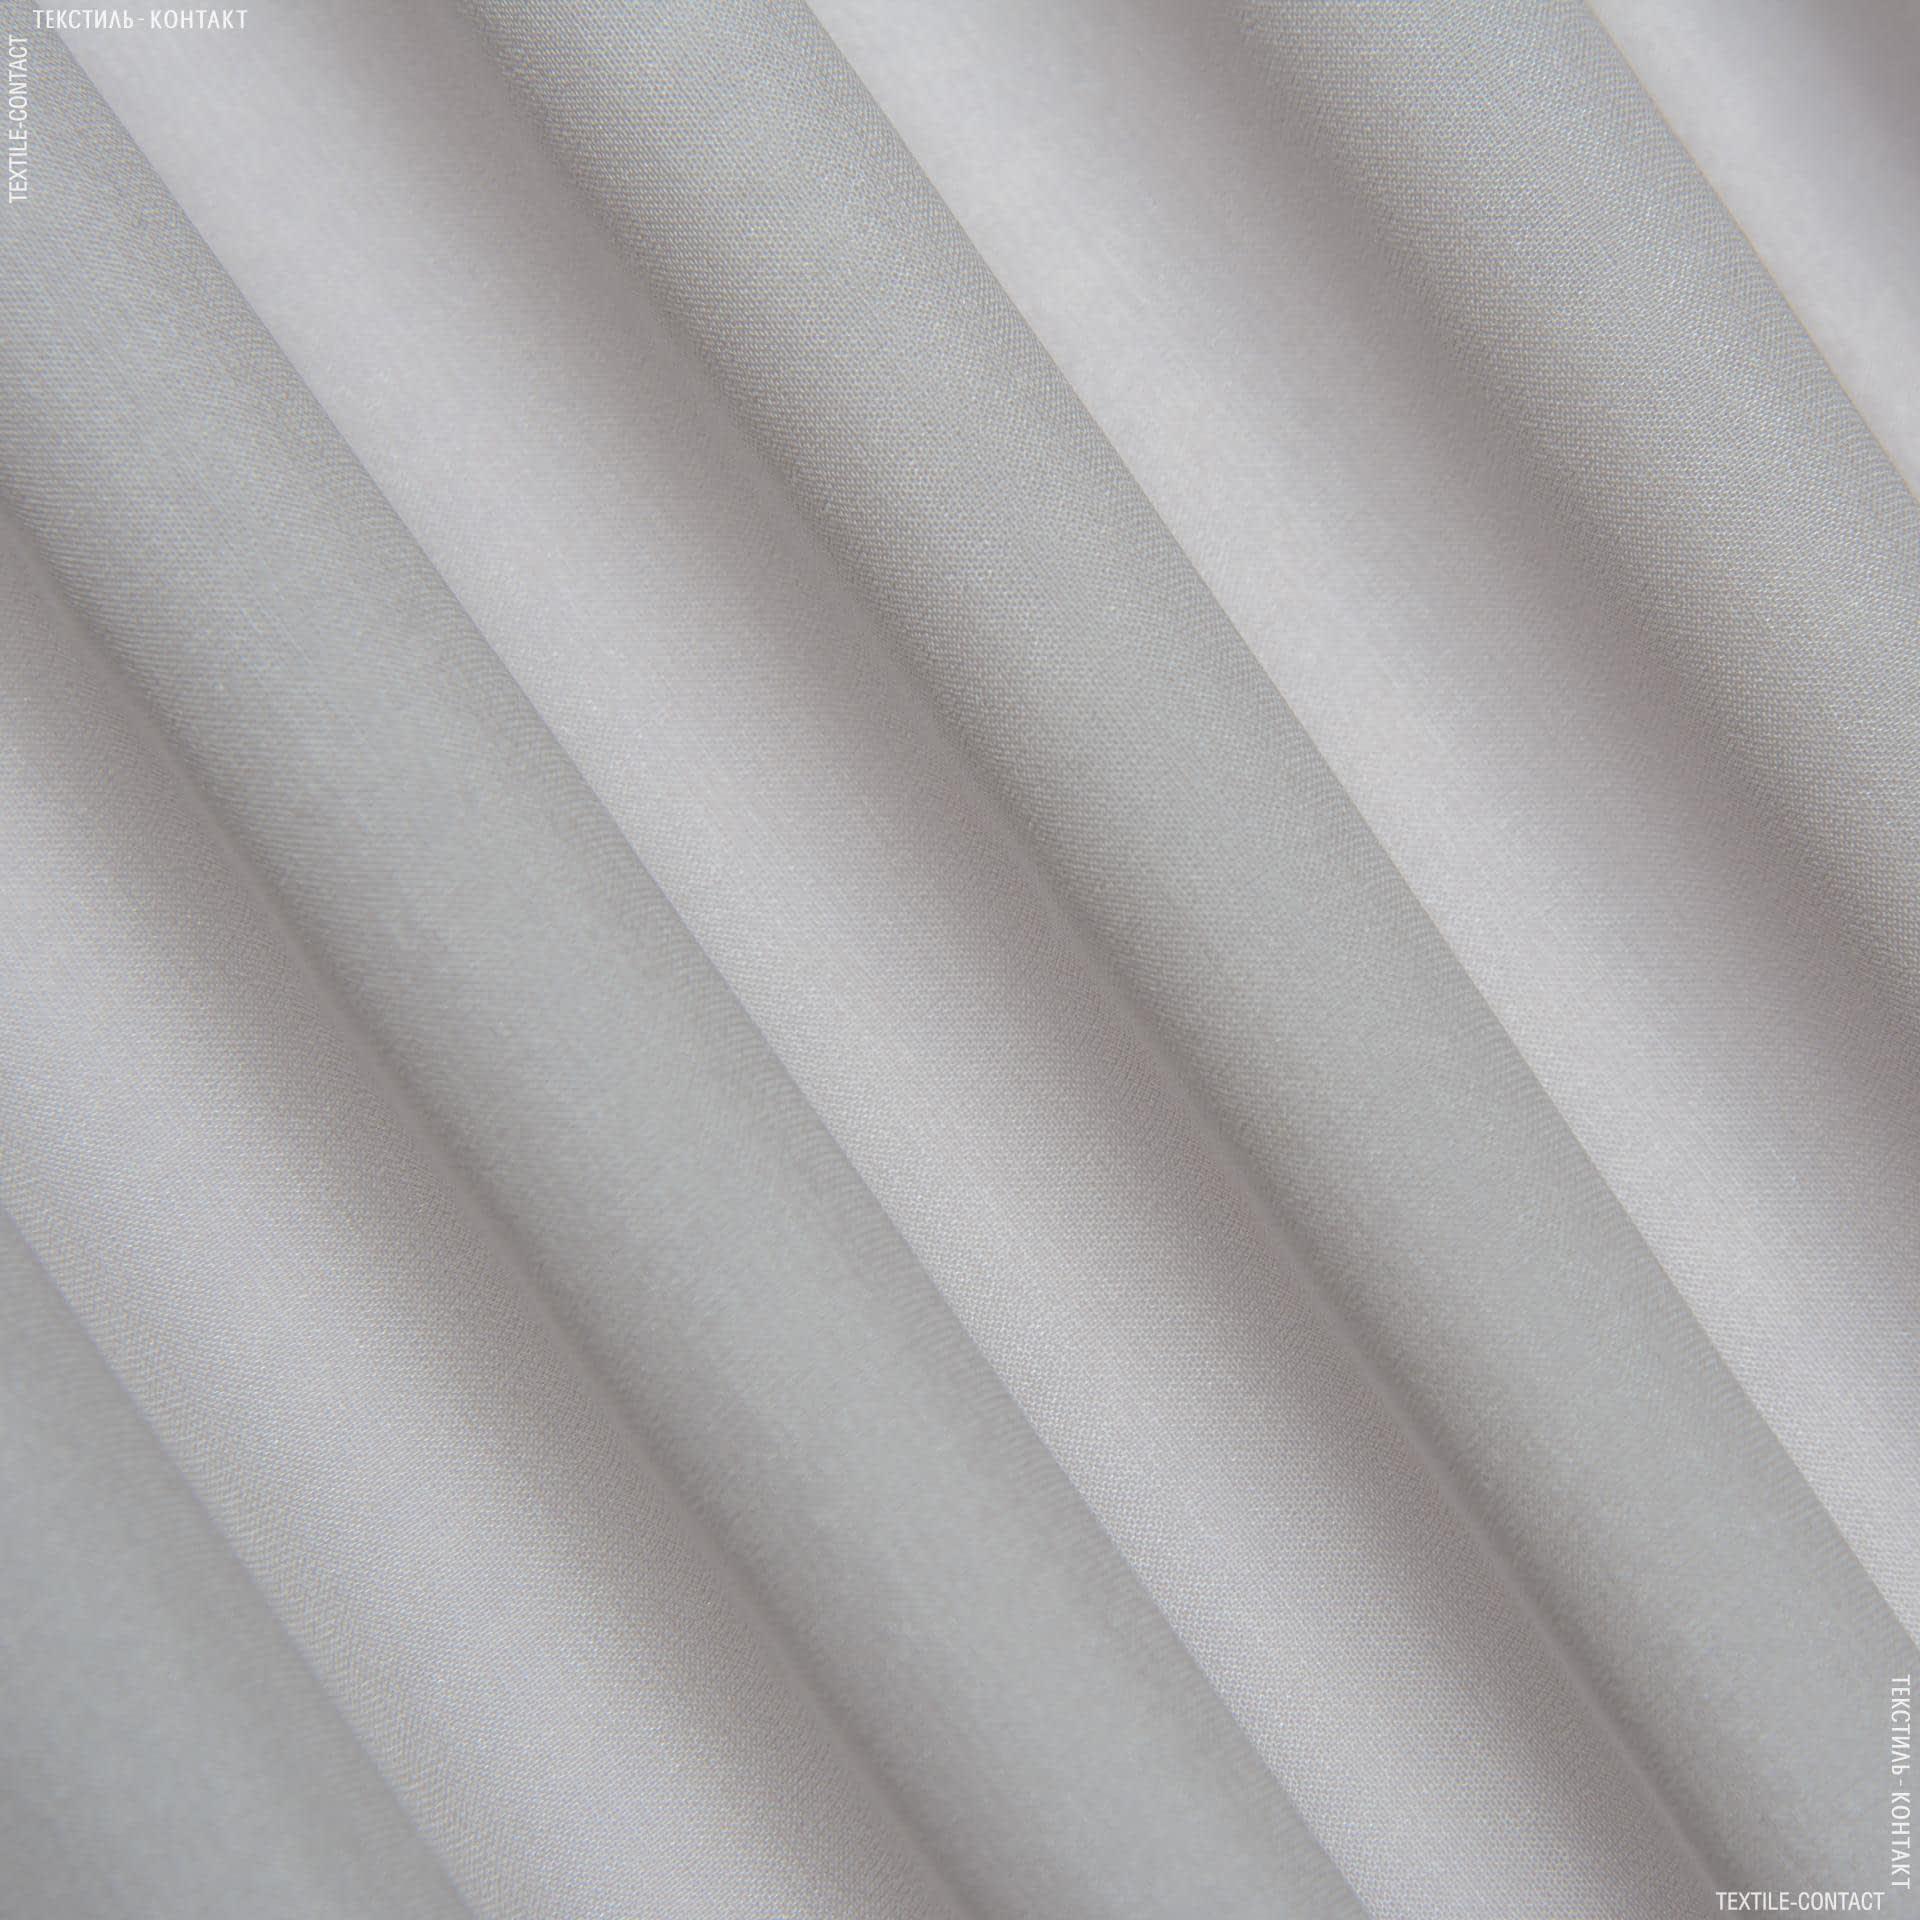 Ткани шифон - Шифон  натур стр  серо-бежевый